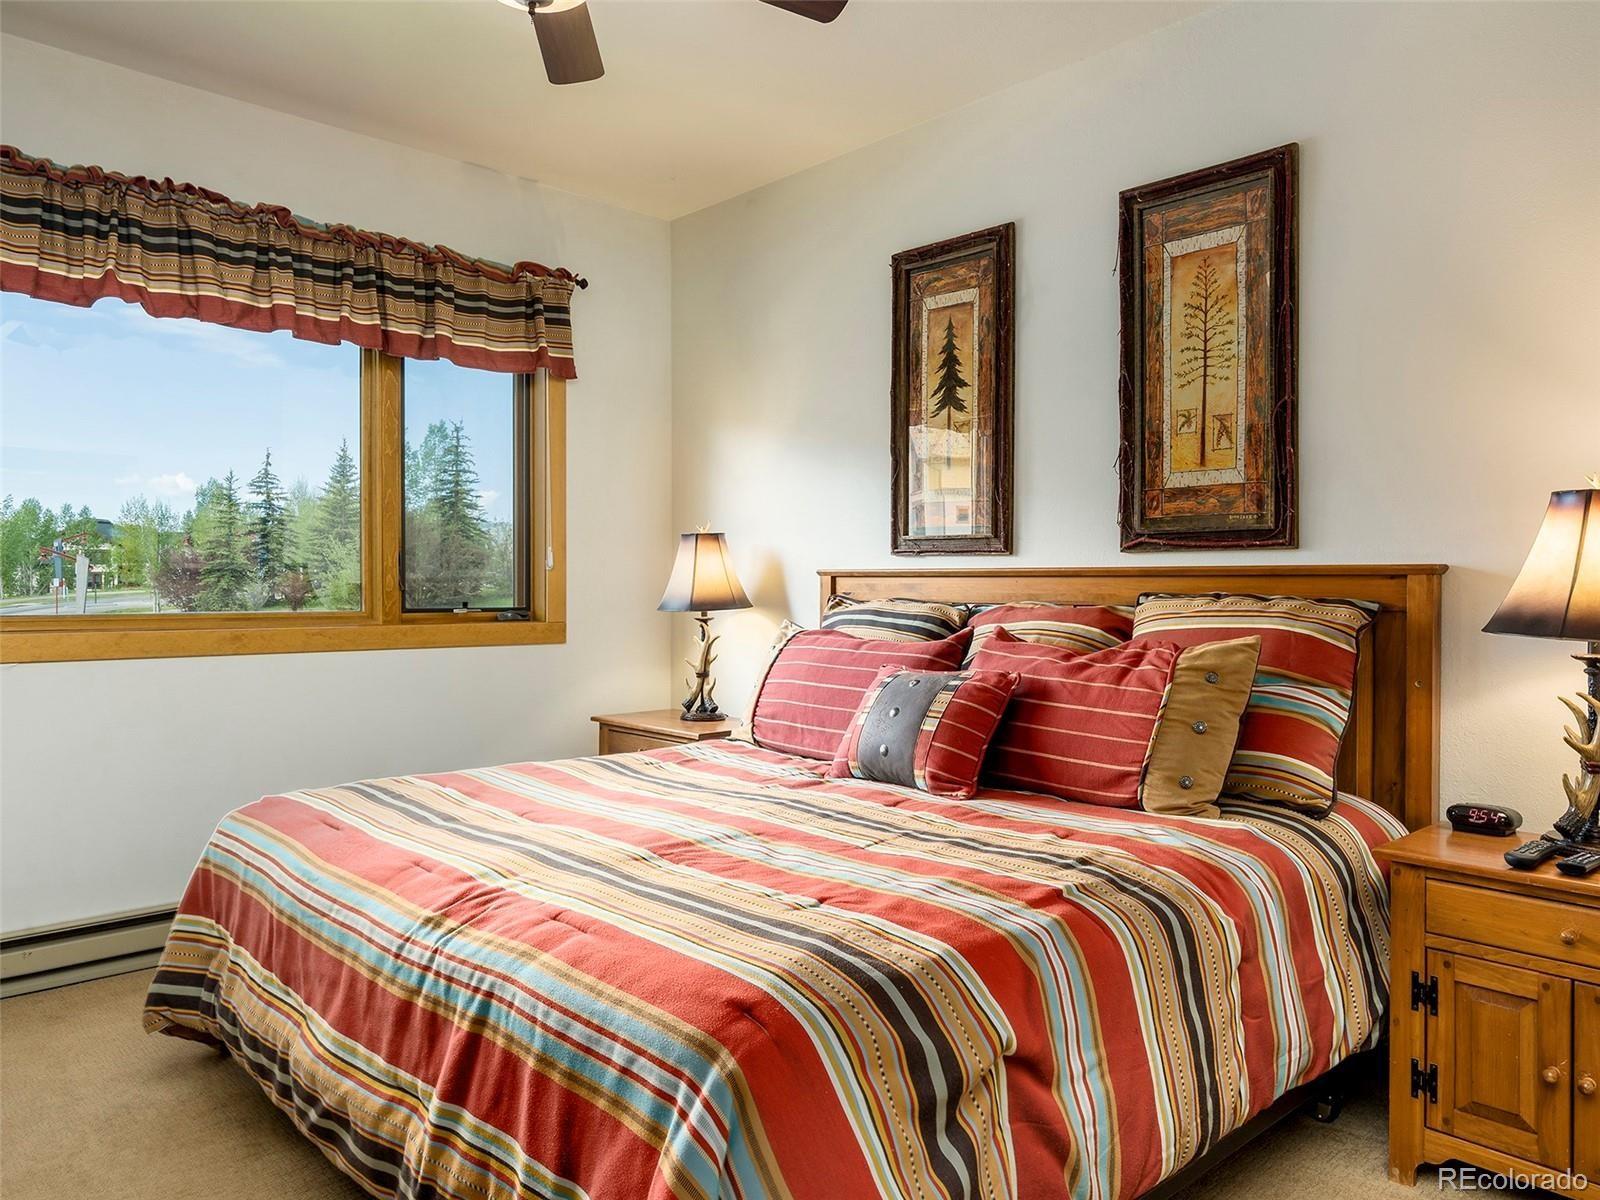 MLS# 1660420 - 8 - 2200 Apres Ski Way #110, Steamboat Springs, CO 80487